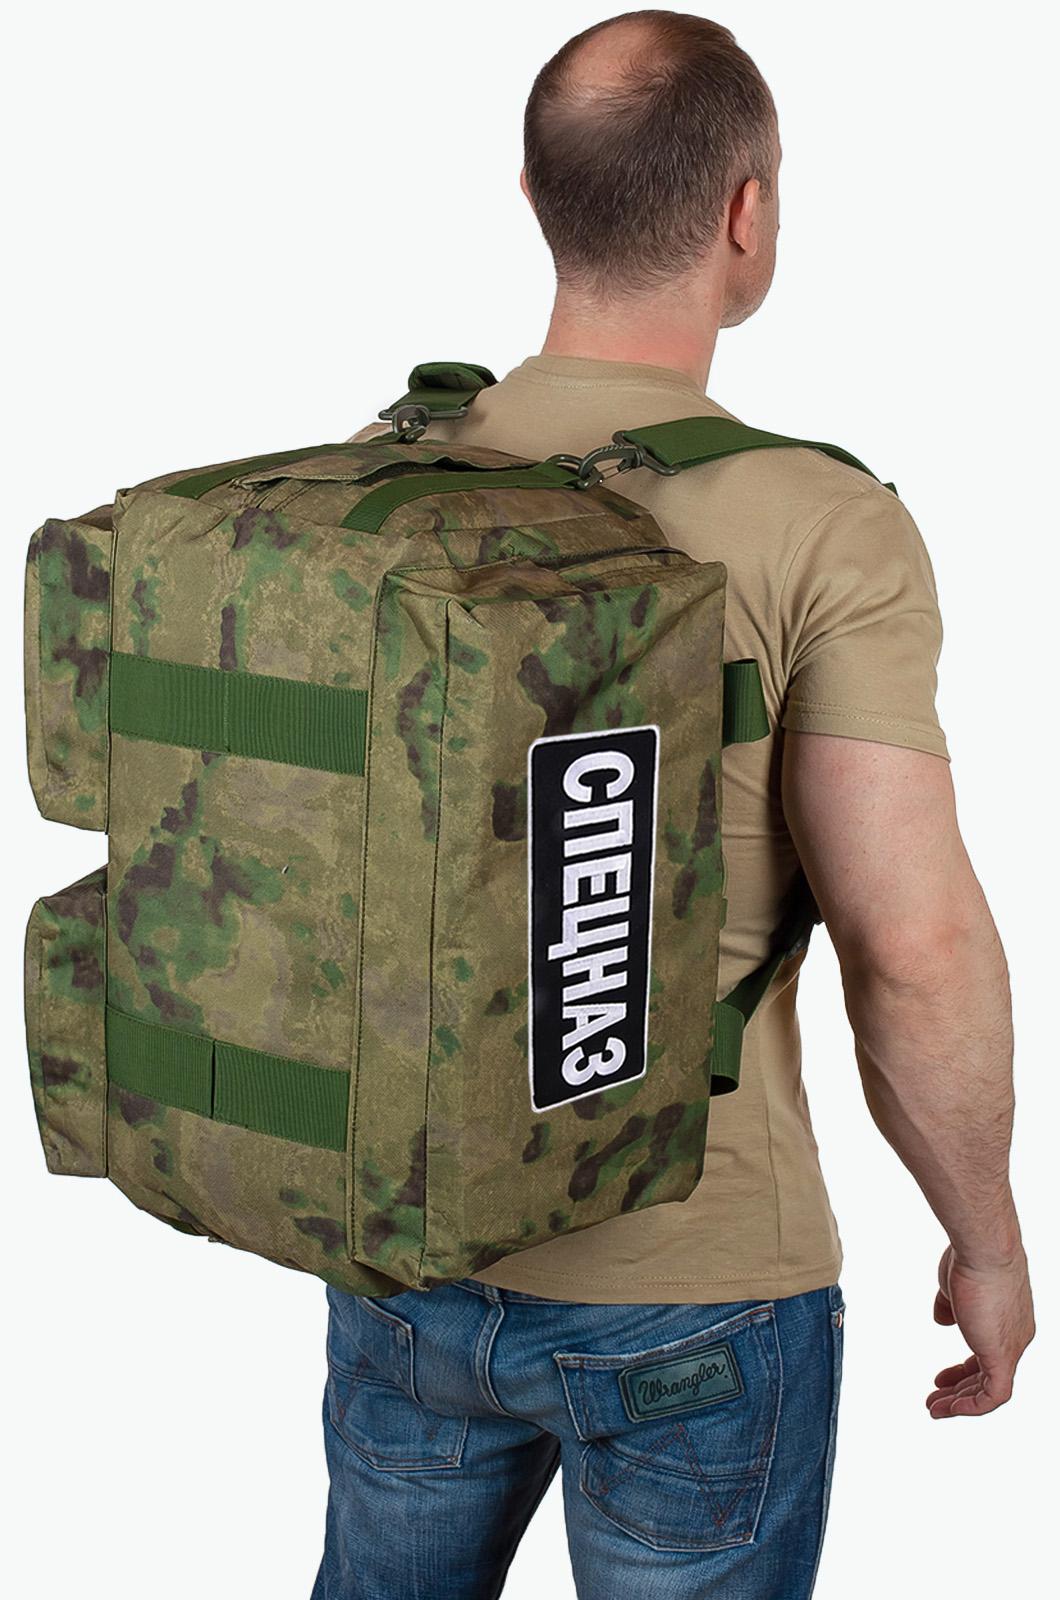 Недорогие тактические сумки Спецназа с доставкой по Москве и России